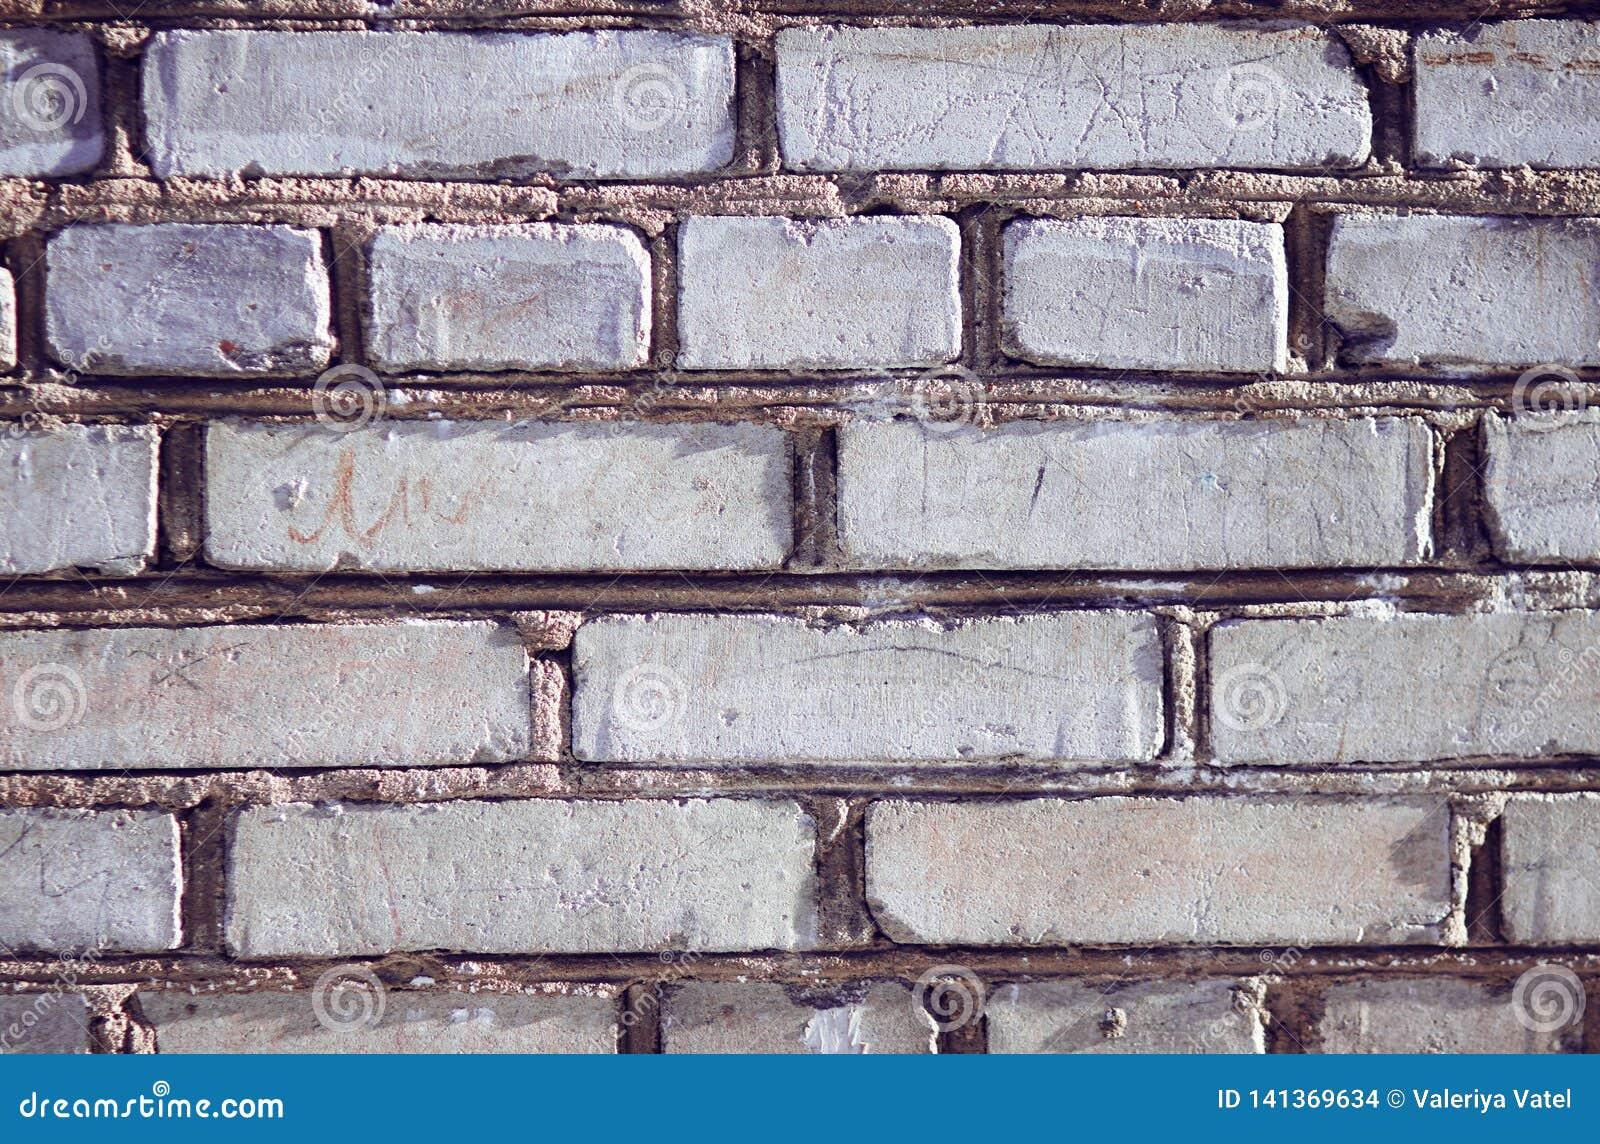 La pared gris del edificio, construida de ladrillos desiguales ásperos